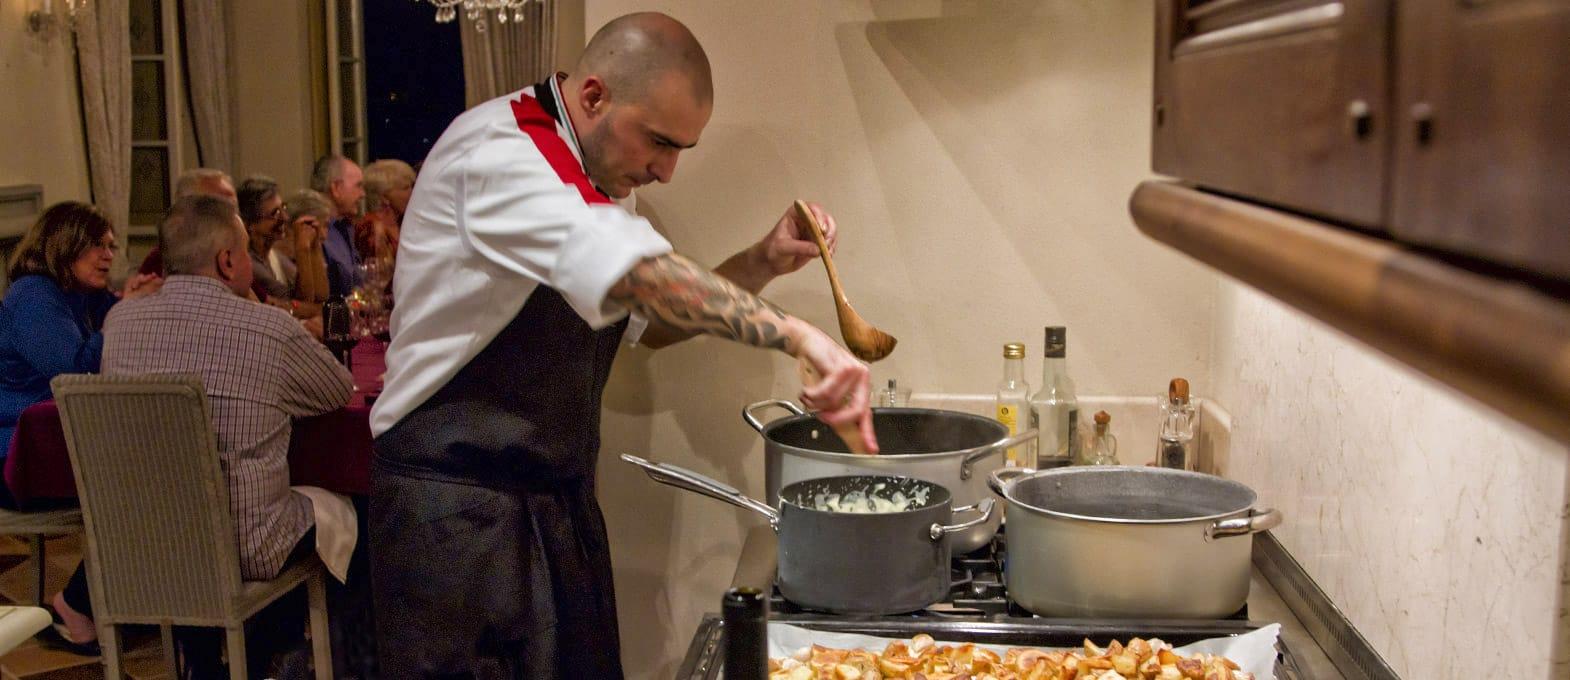 chef a domicilio e corsi di cucina a cortona, arezzo, toscana - Cucinare A Domicilio